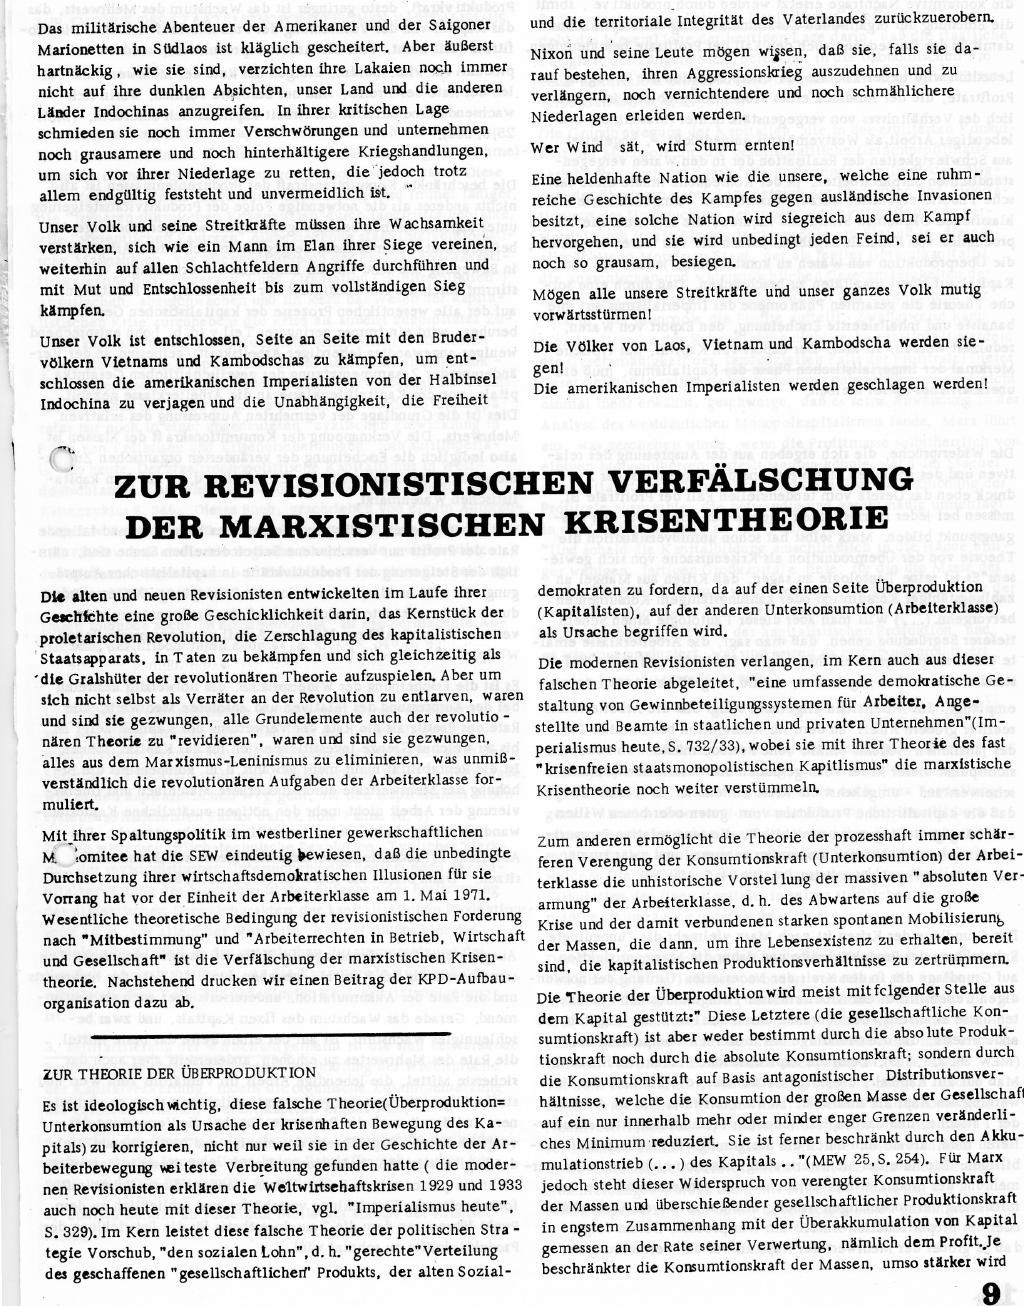 RPK_1971_111_09